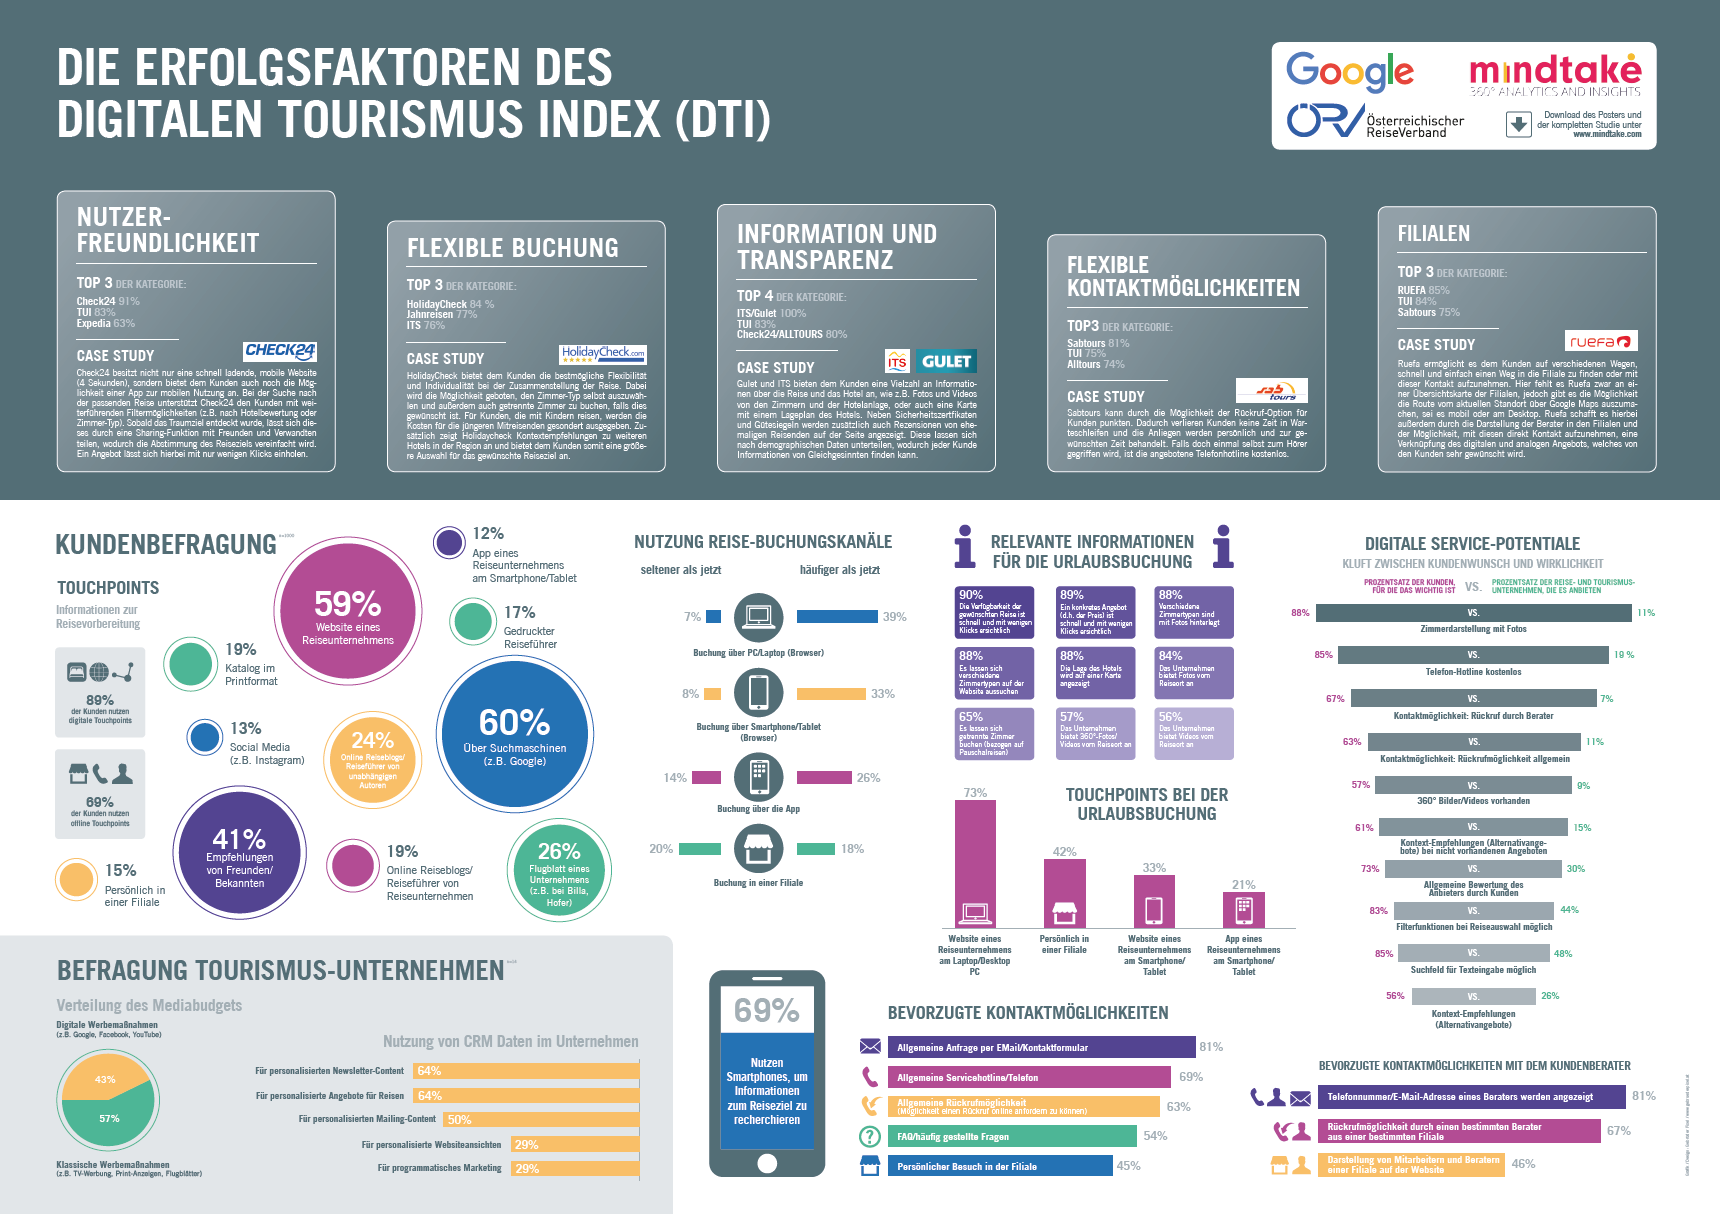 Der Digitale Tourismus Index (DTI) – Quelle: Österreichischer Reiseverband (ÖRV), Google Austria, MindTake